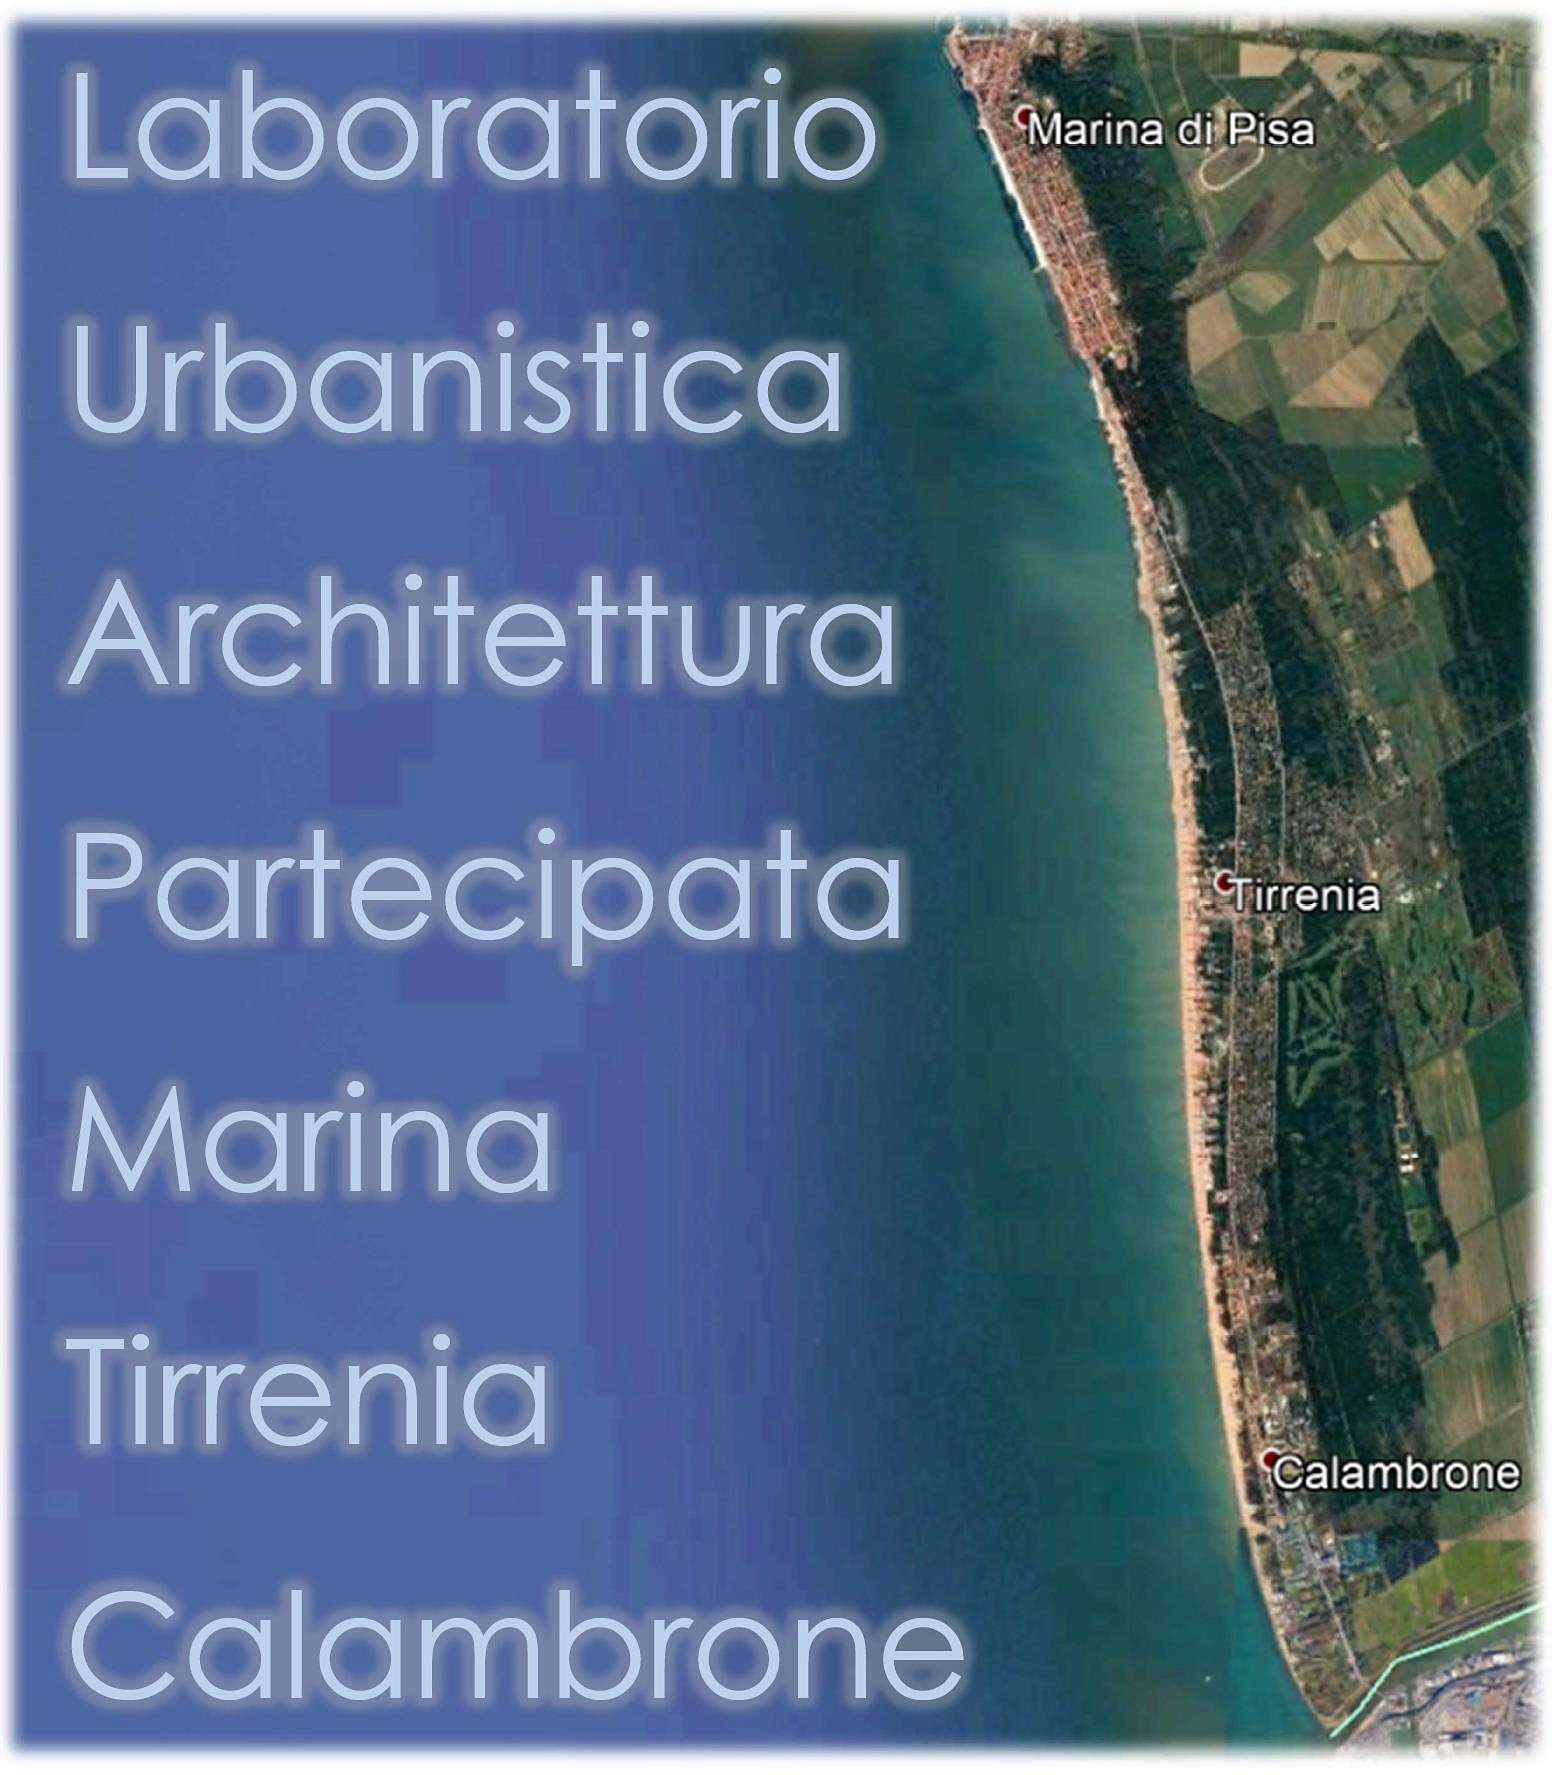 Locandina Laboratorio di Urbanistica Architettura Partecipata Marina Tirrenia Calambrone